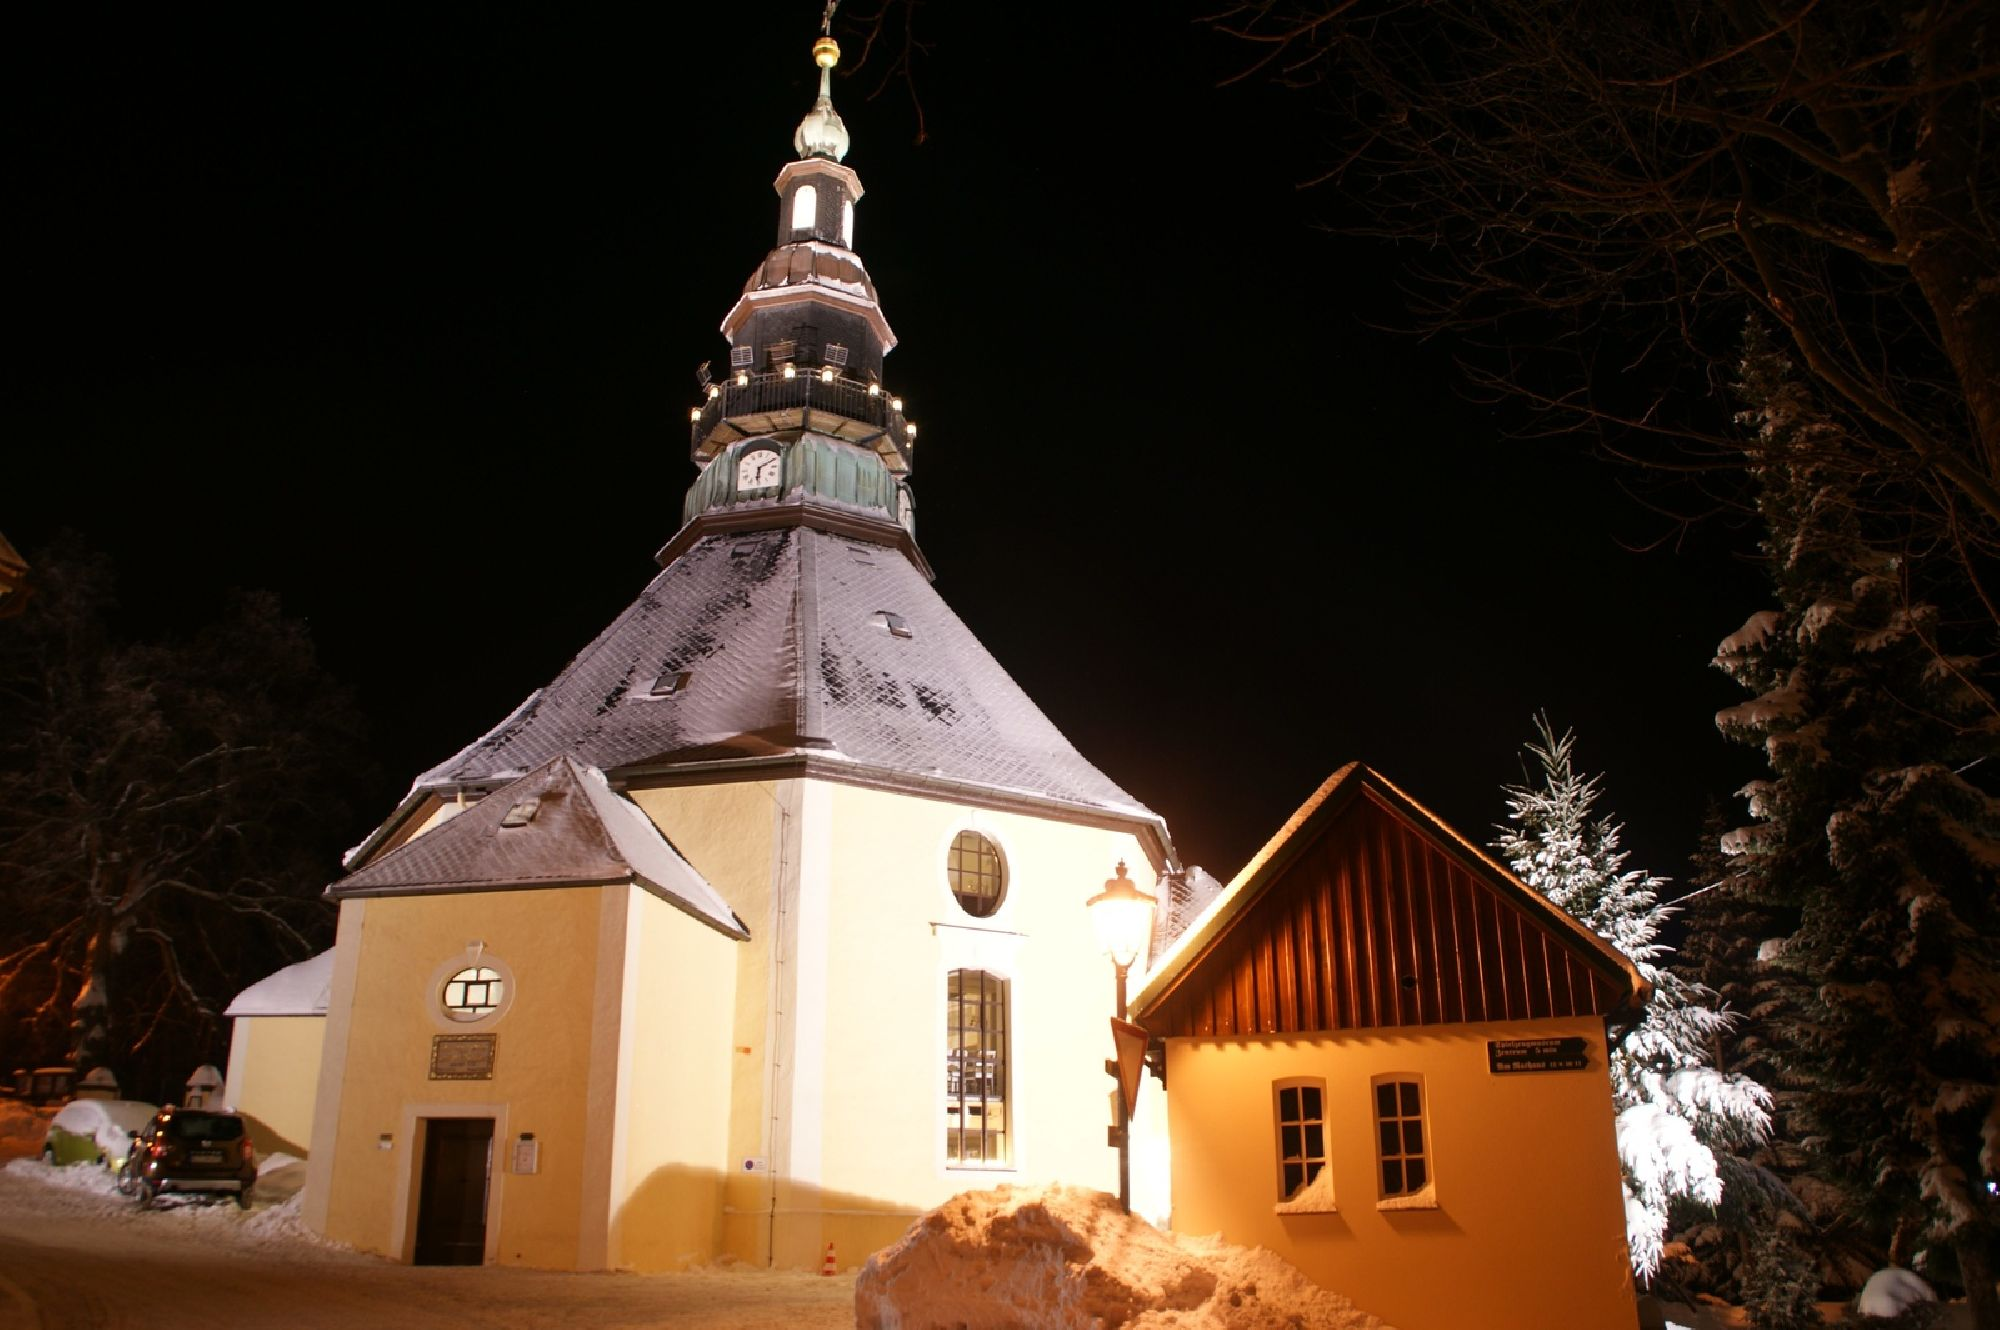 Pauschalangebot Seiffner Kirche